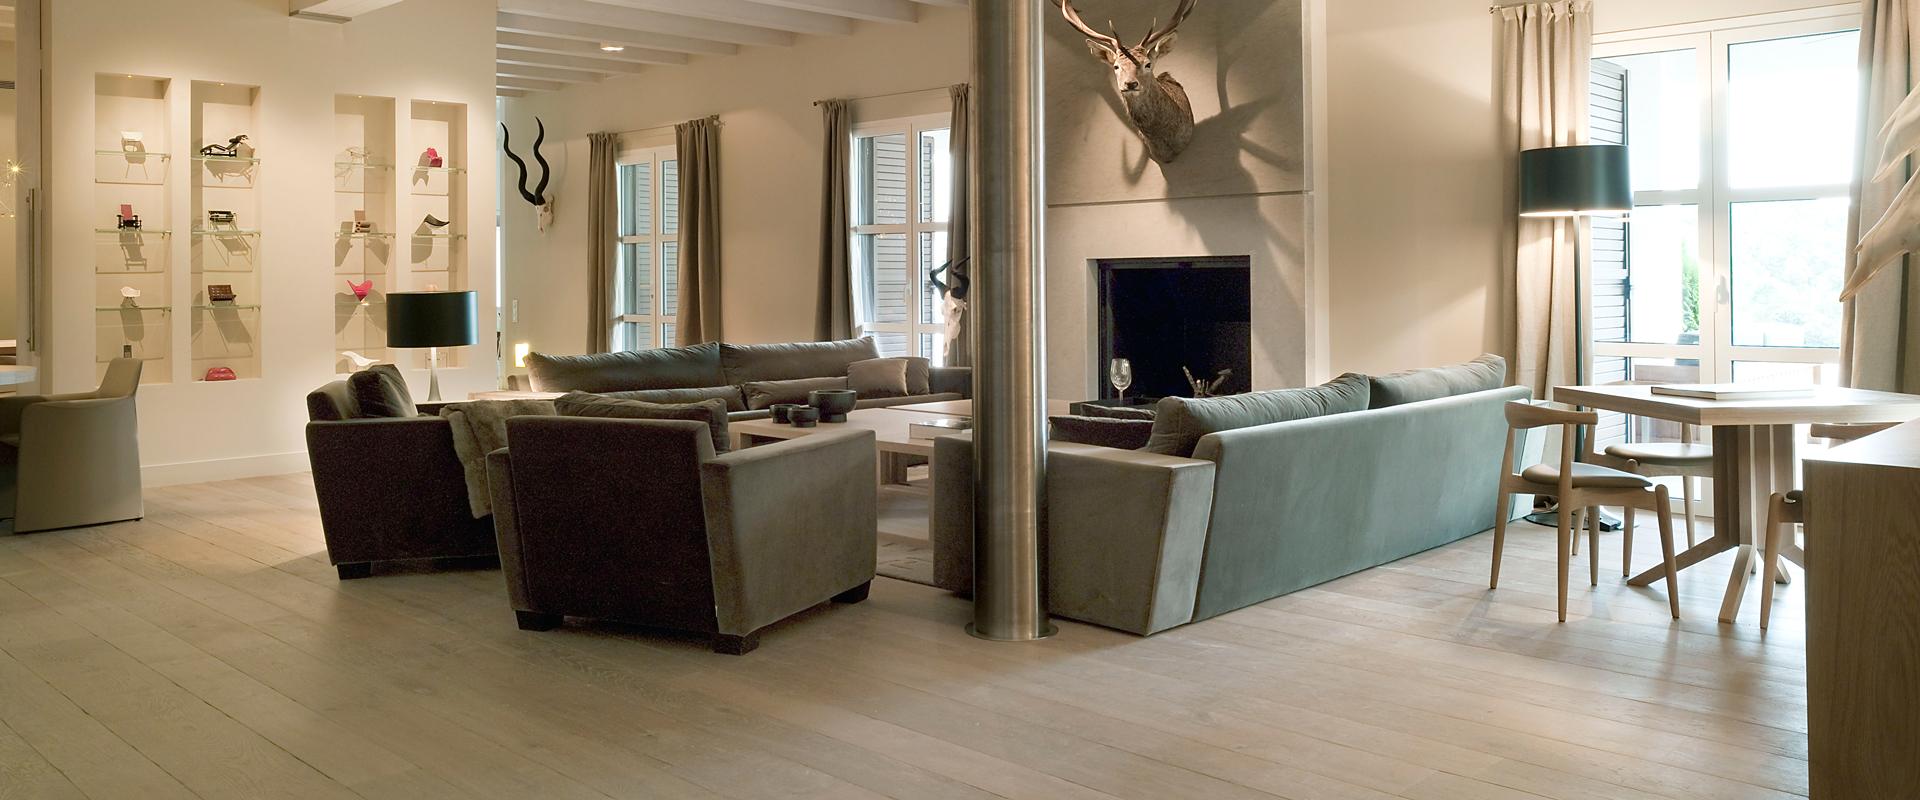 PEFC certificering houten vloeren